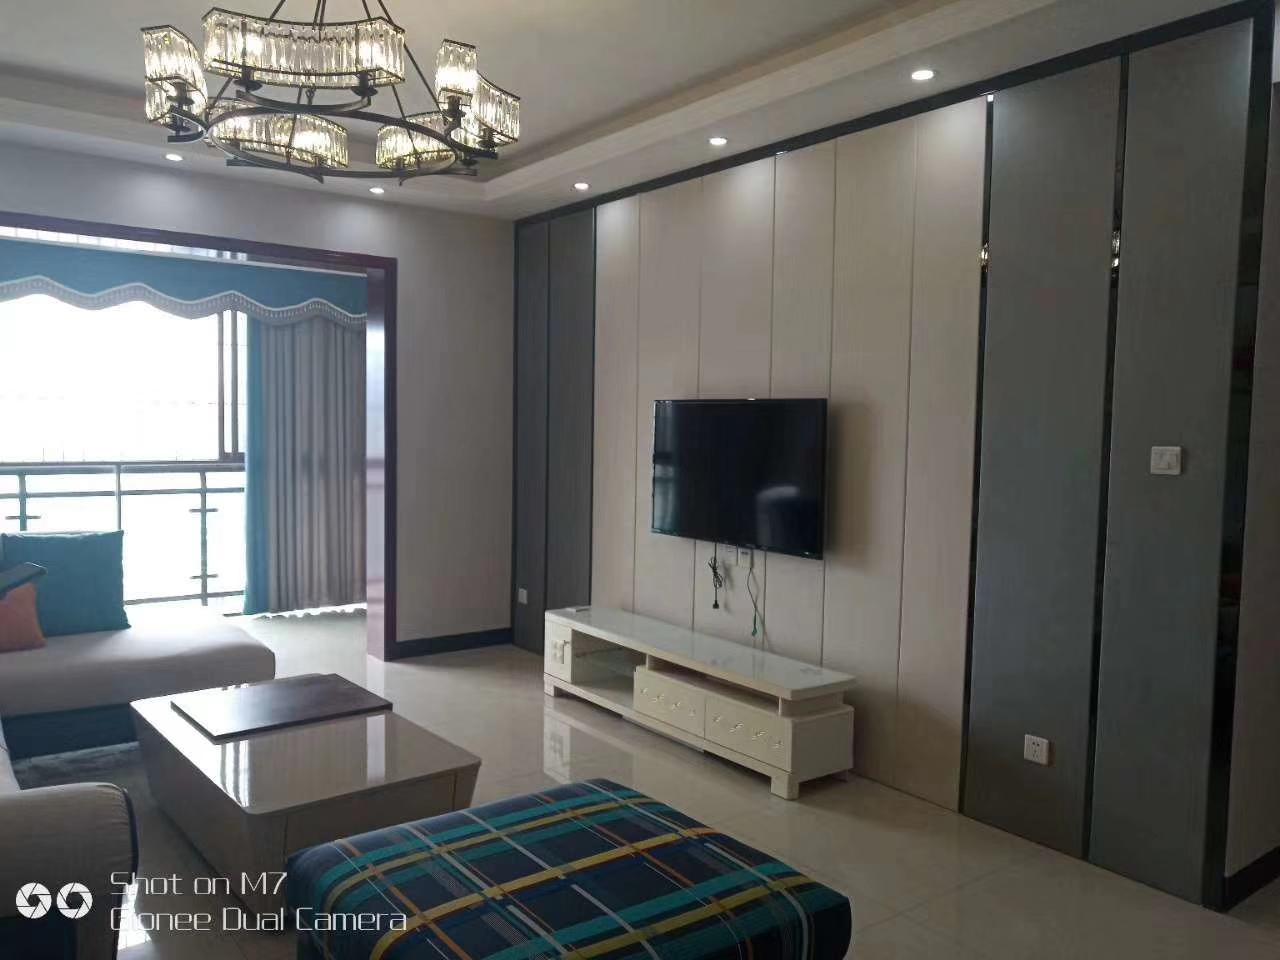 嘉南国际精装电梯可按揭3室 2厅 2卫85万元